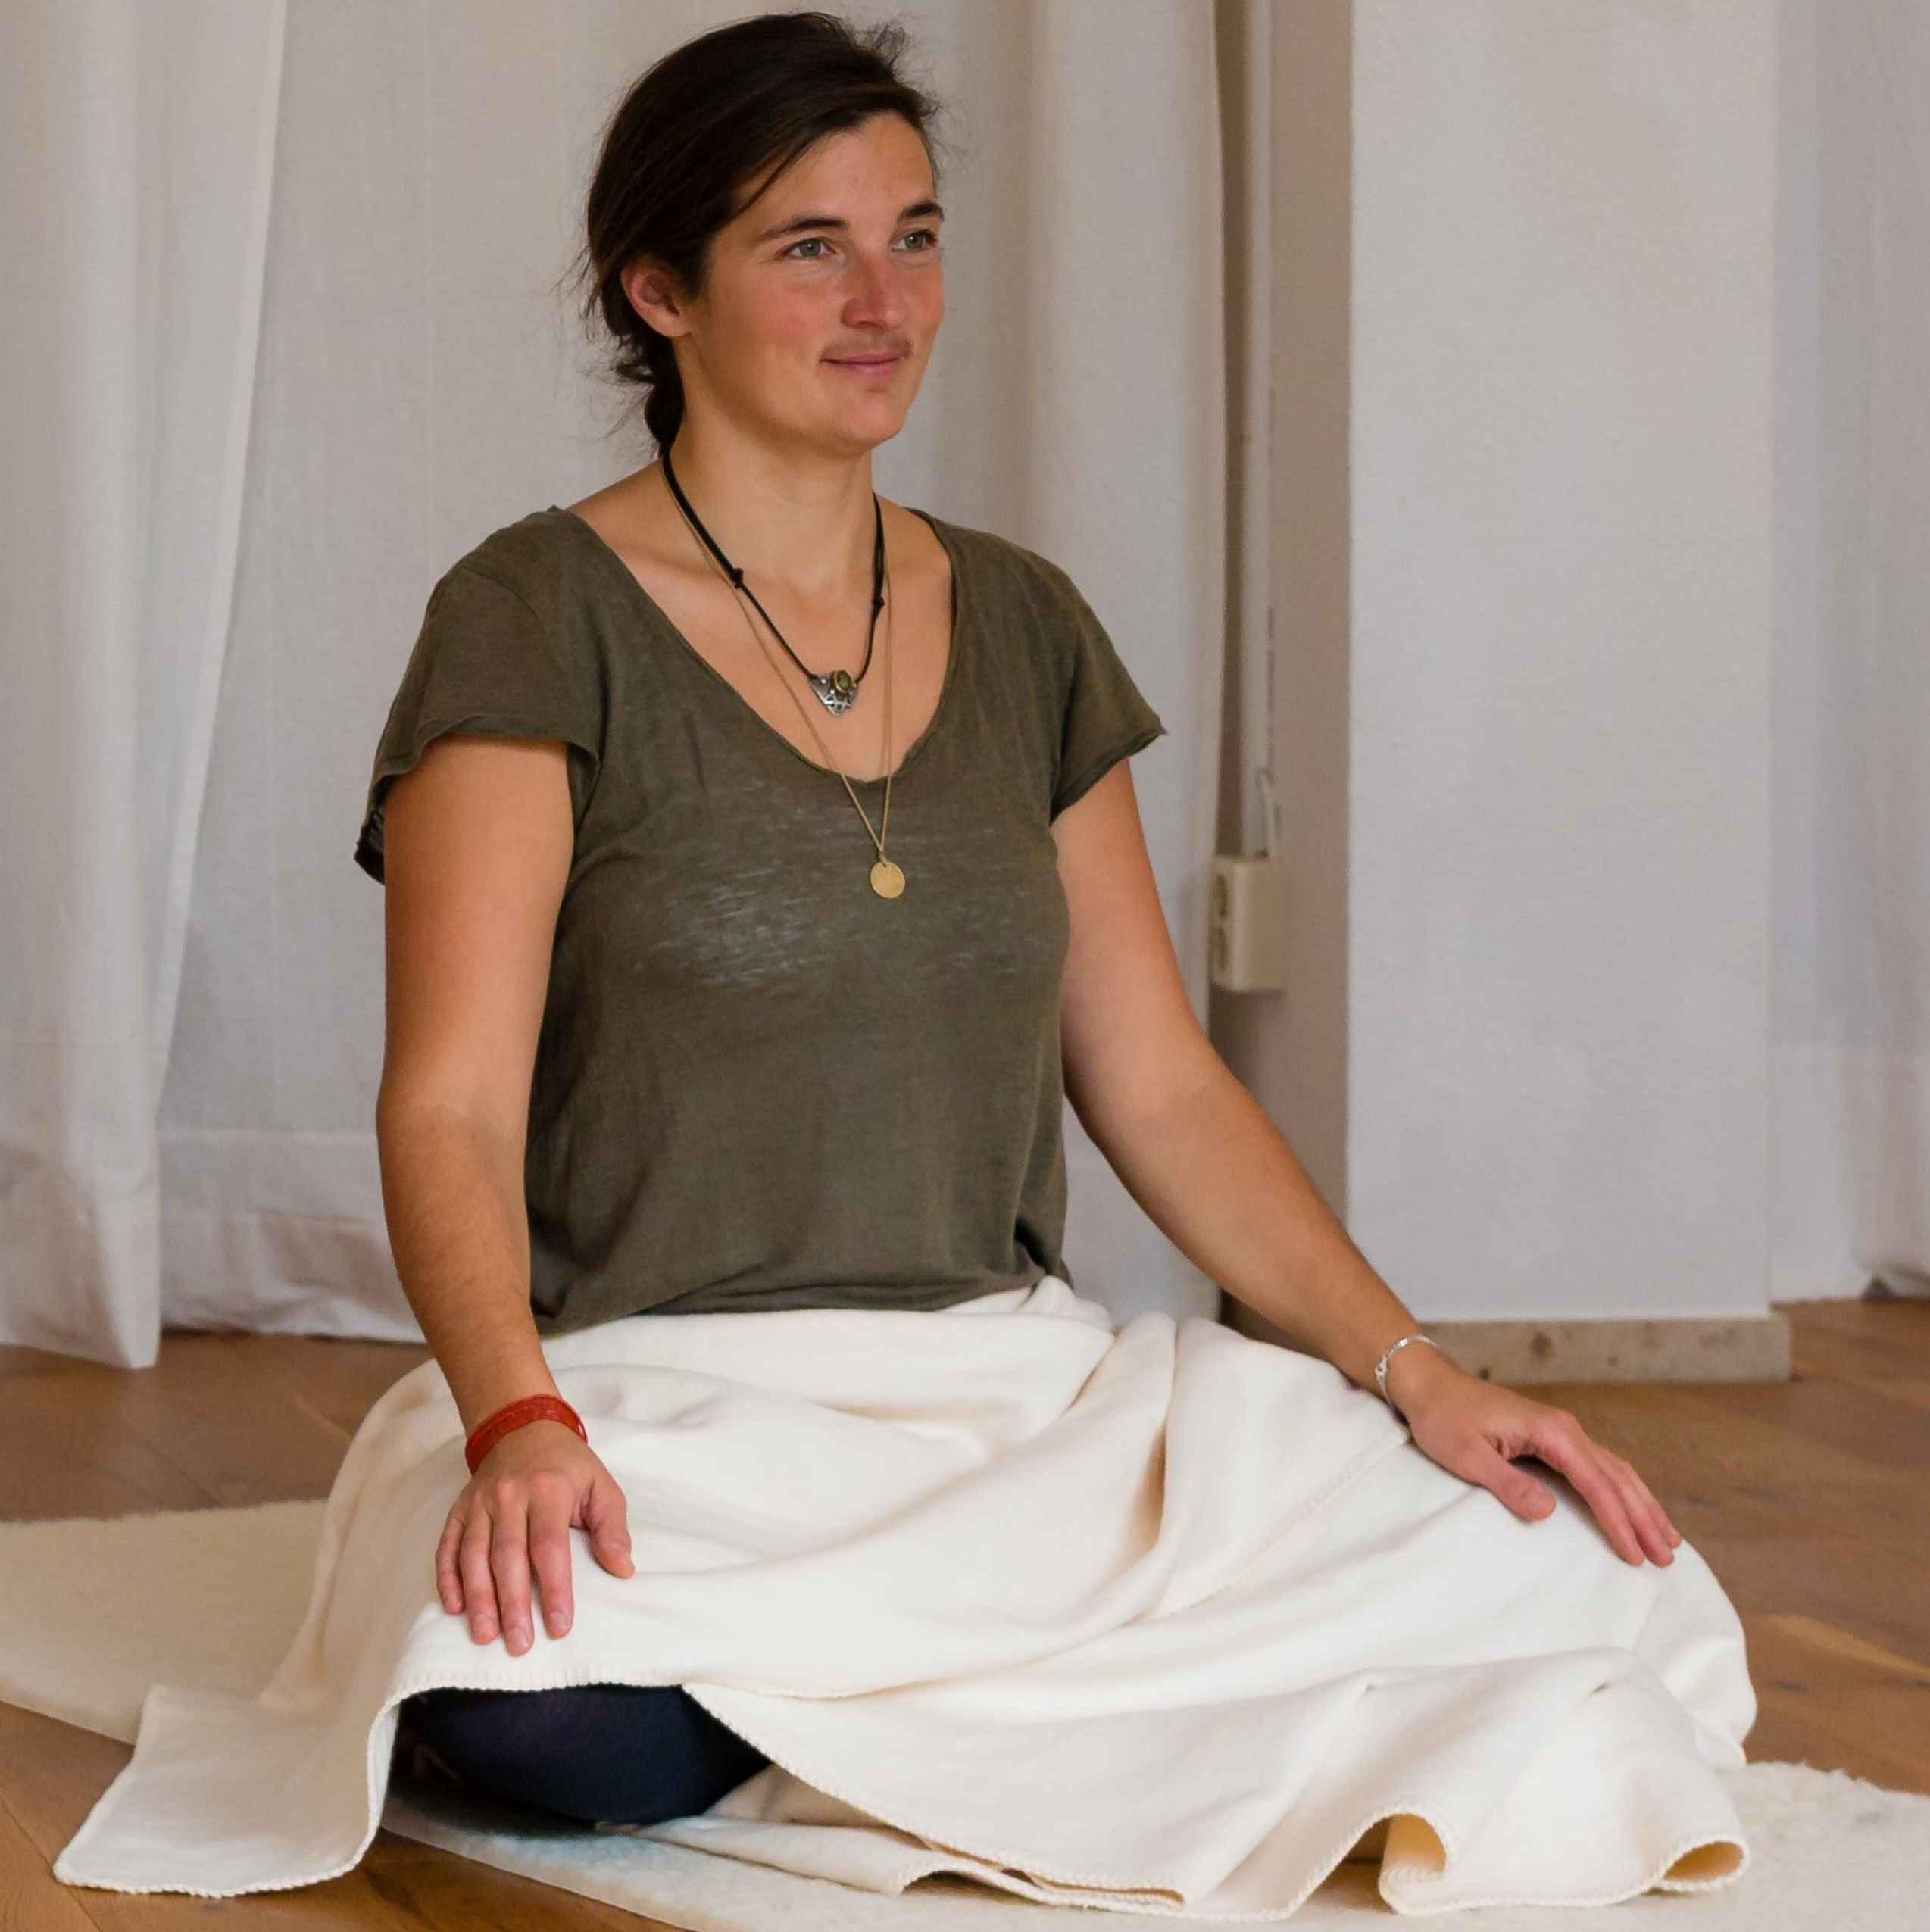 Yoga für Frauen, Schwangere, Mamas nach der Geburt, Geburtsvorbereitung, Rückbildung